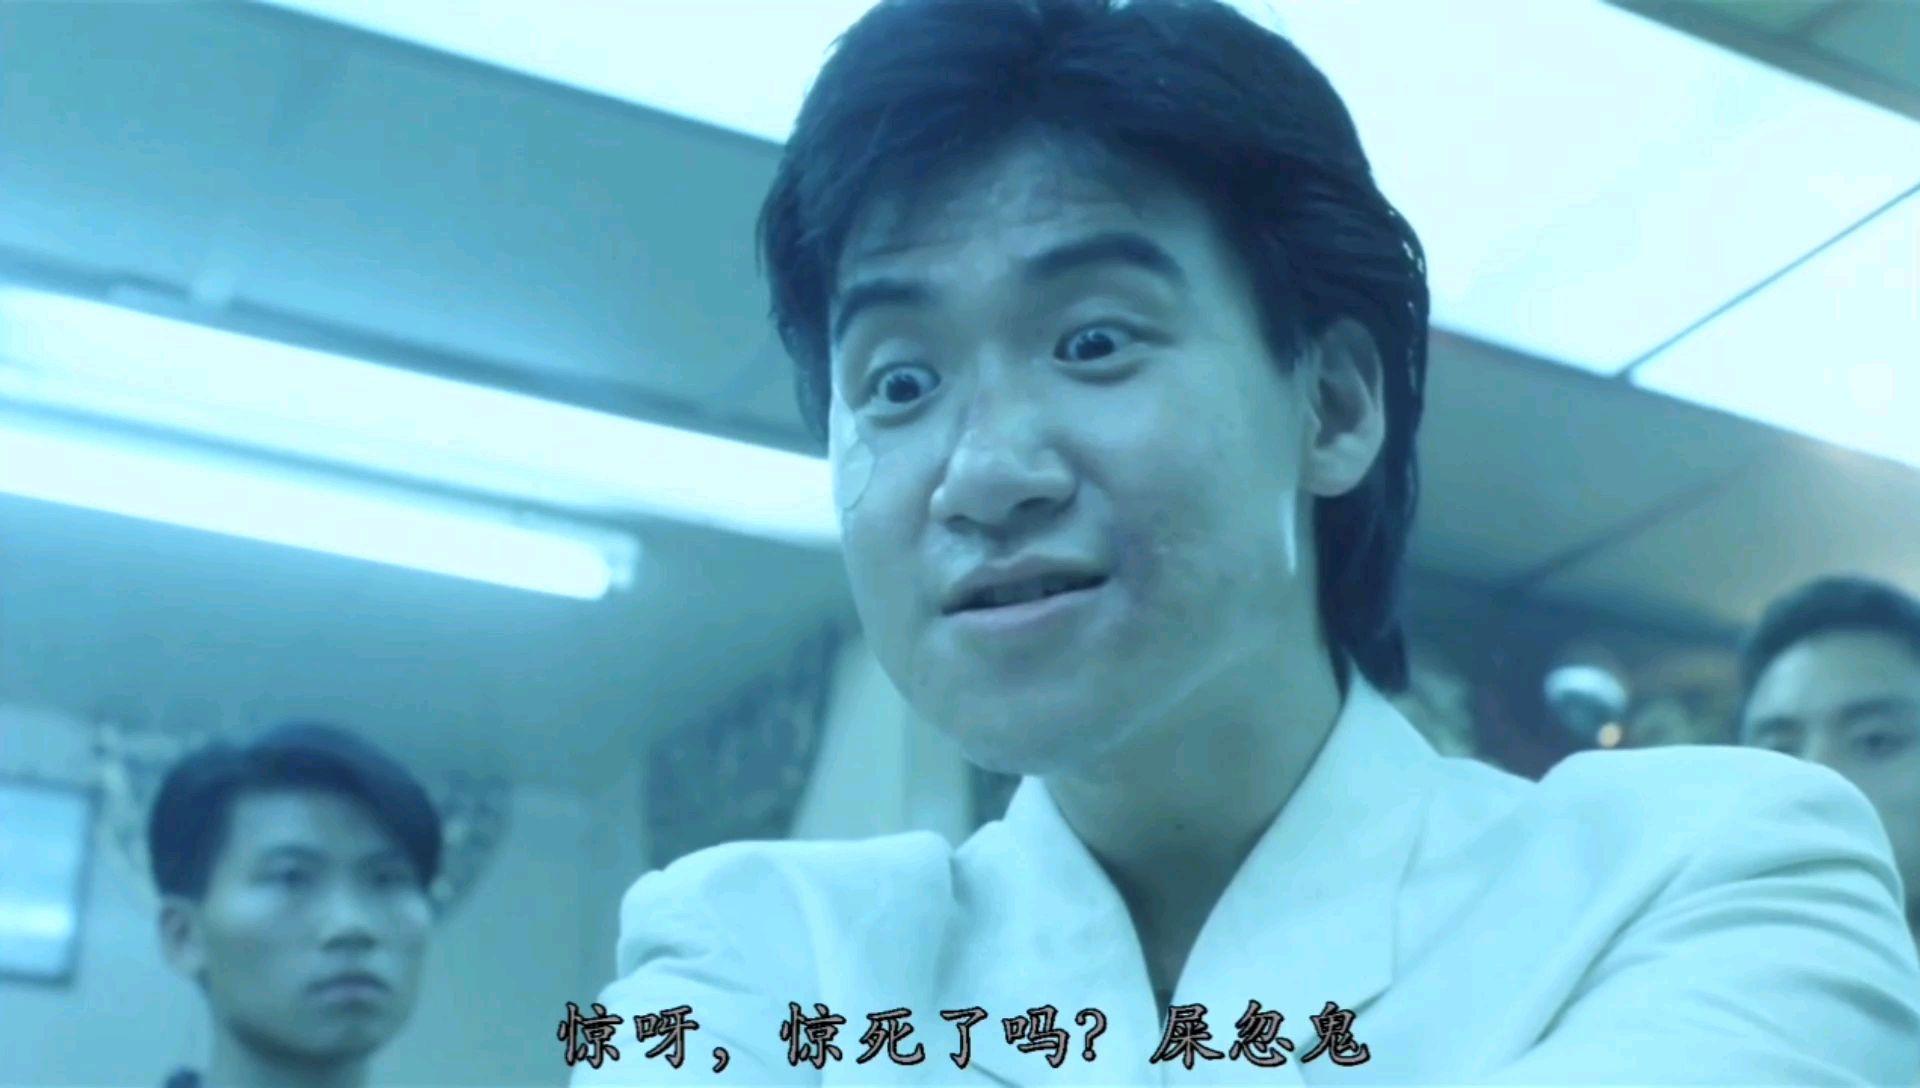 【万恶之源】苍蝇哥,你吃食啦!张学友经典表情